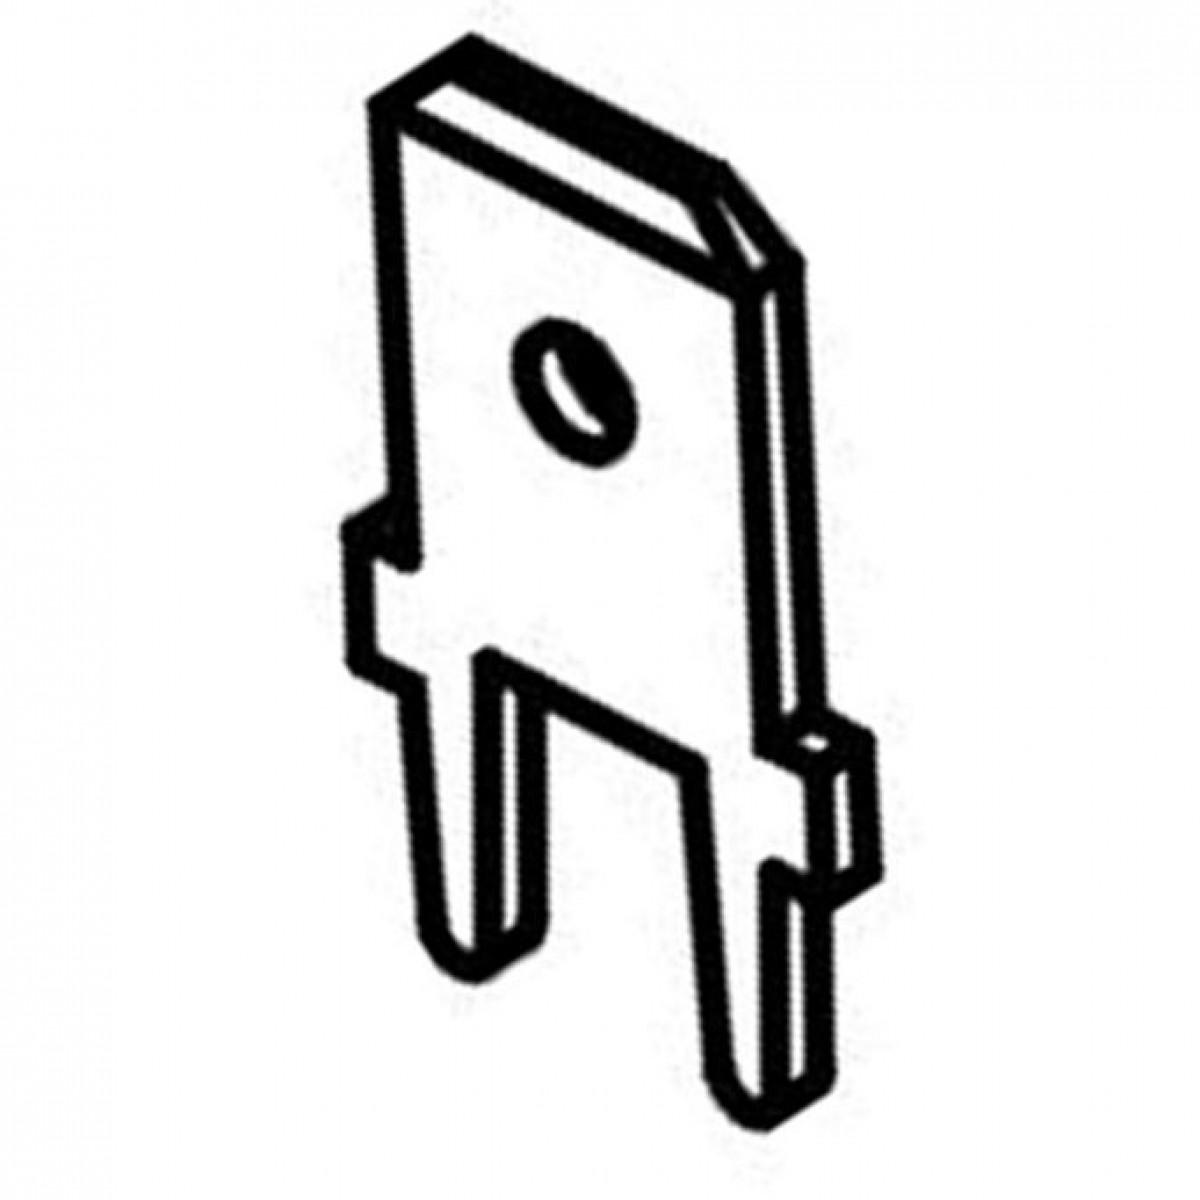 Flachstecker | Elektronik für jedermann